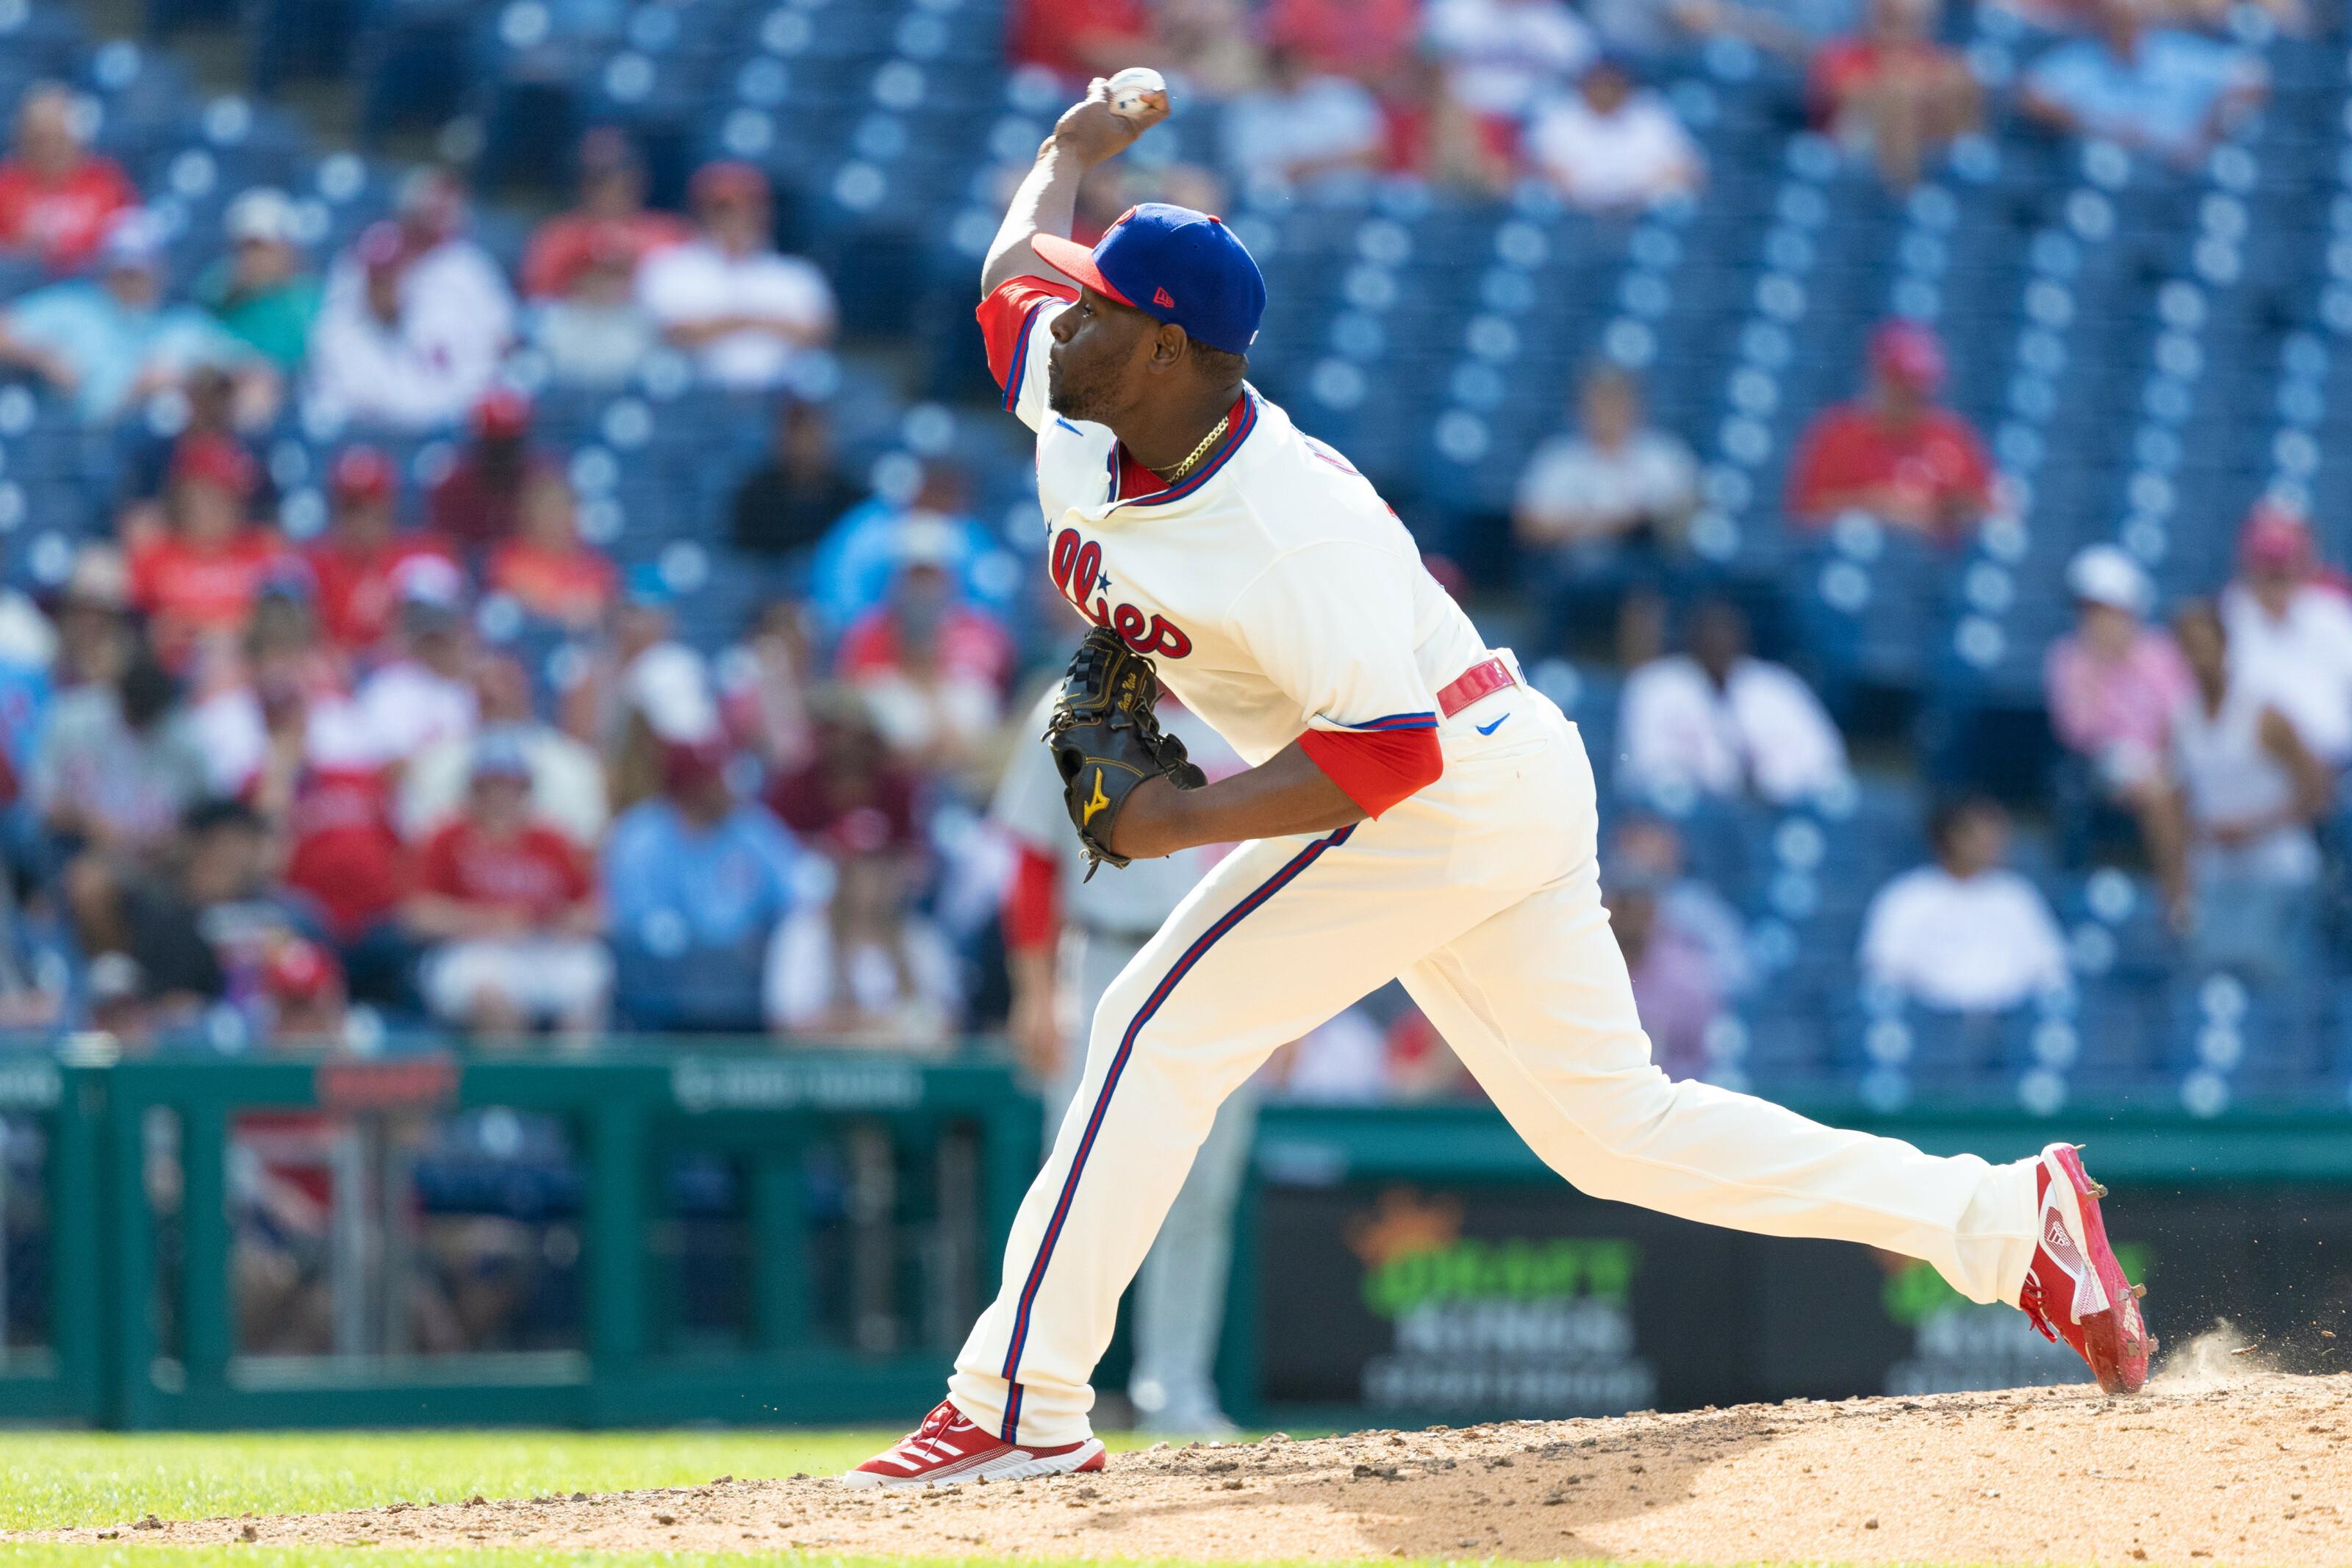 Philadelphia Phillies, Hector Neris